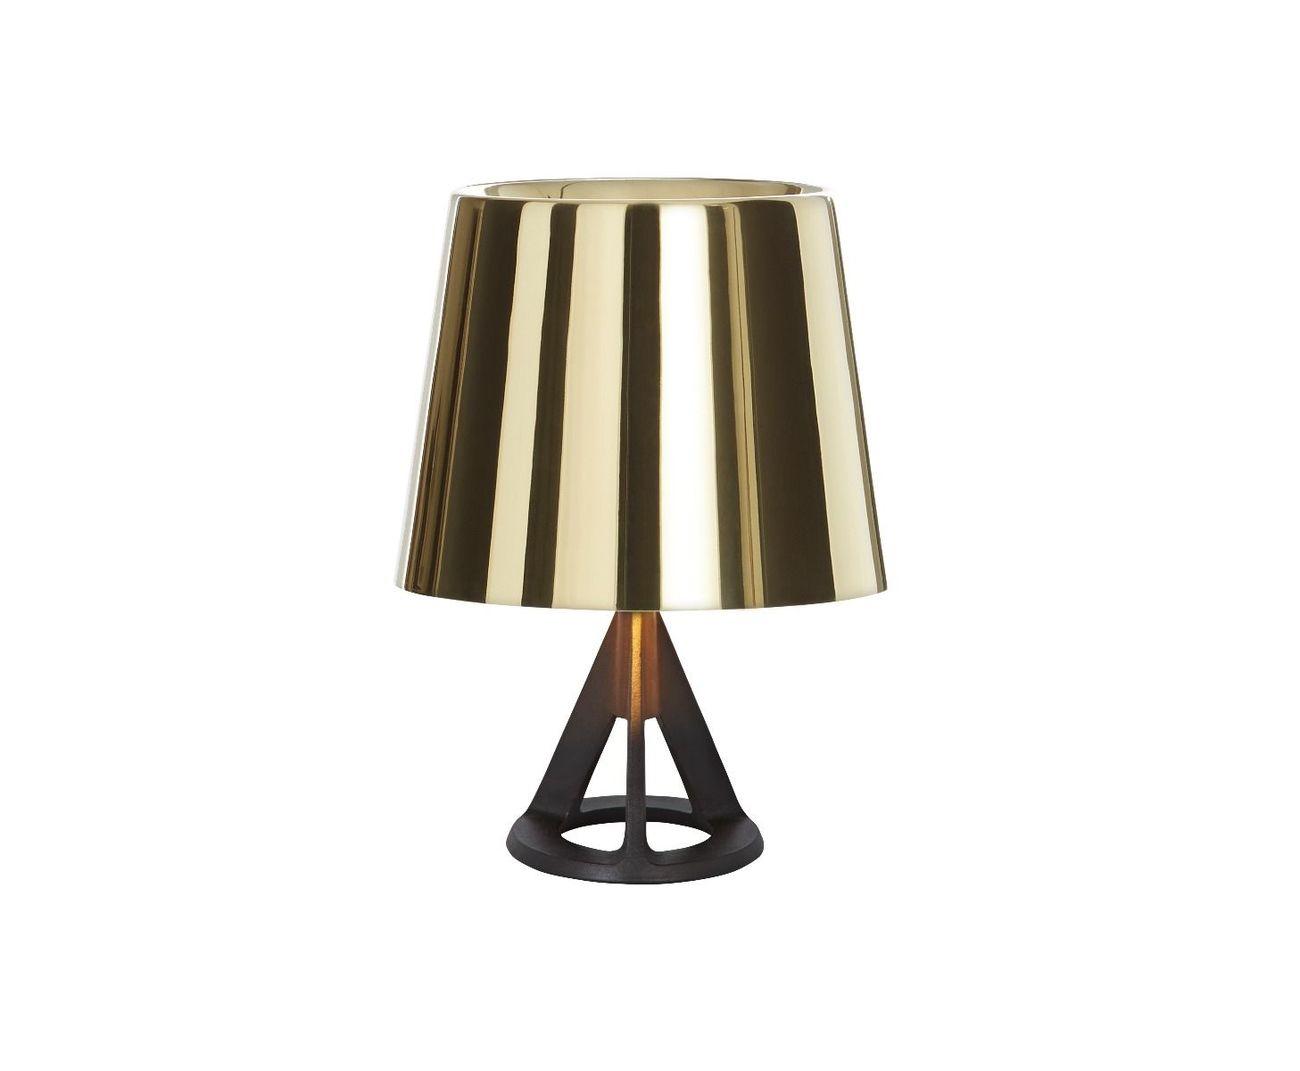 Tom Dixon Base tafellamp-Goud